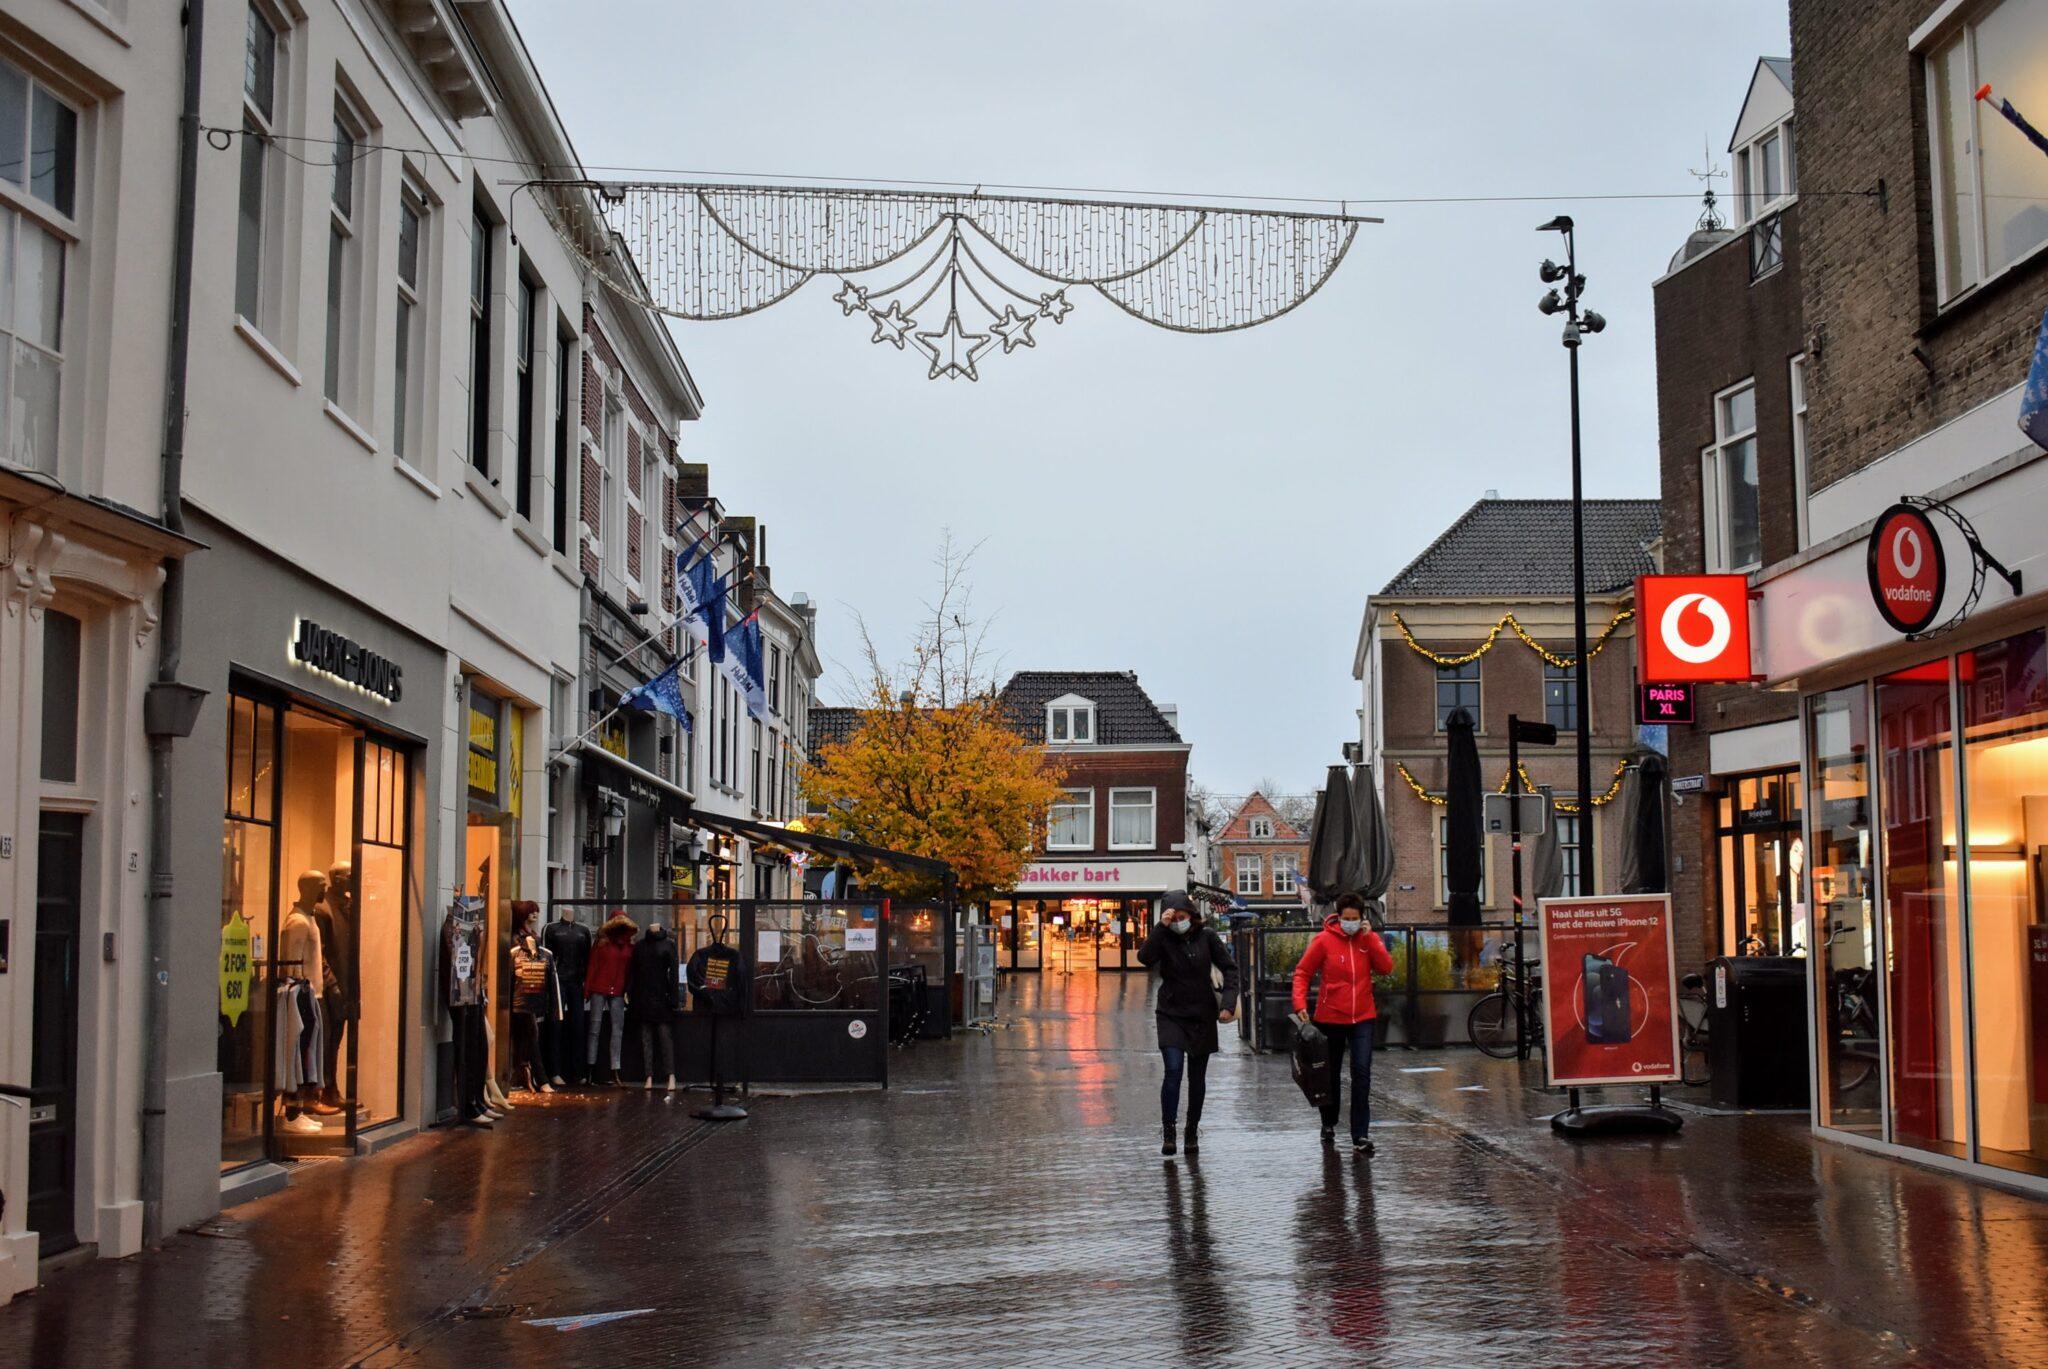 Binnenstad Harderwijk corona maatregelen november mondkapjesplicht